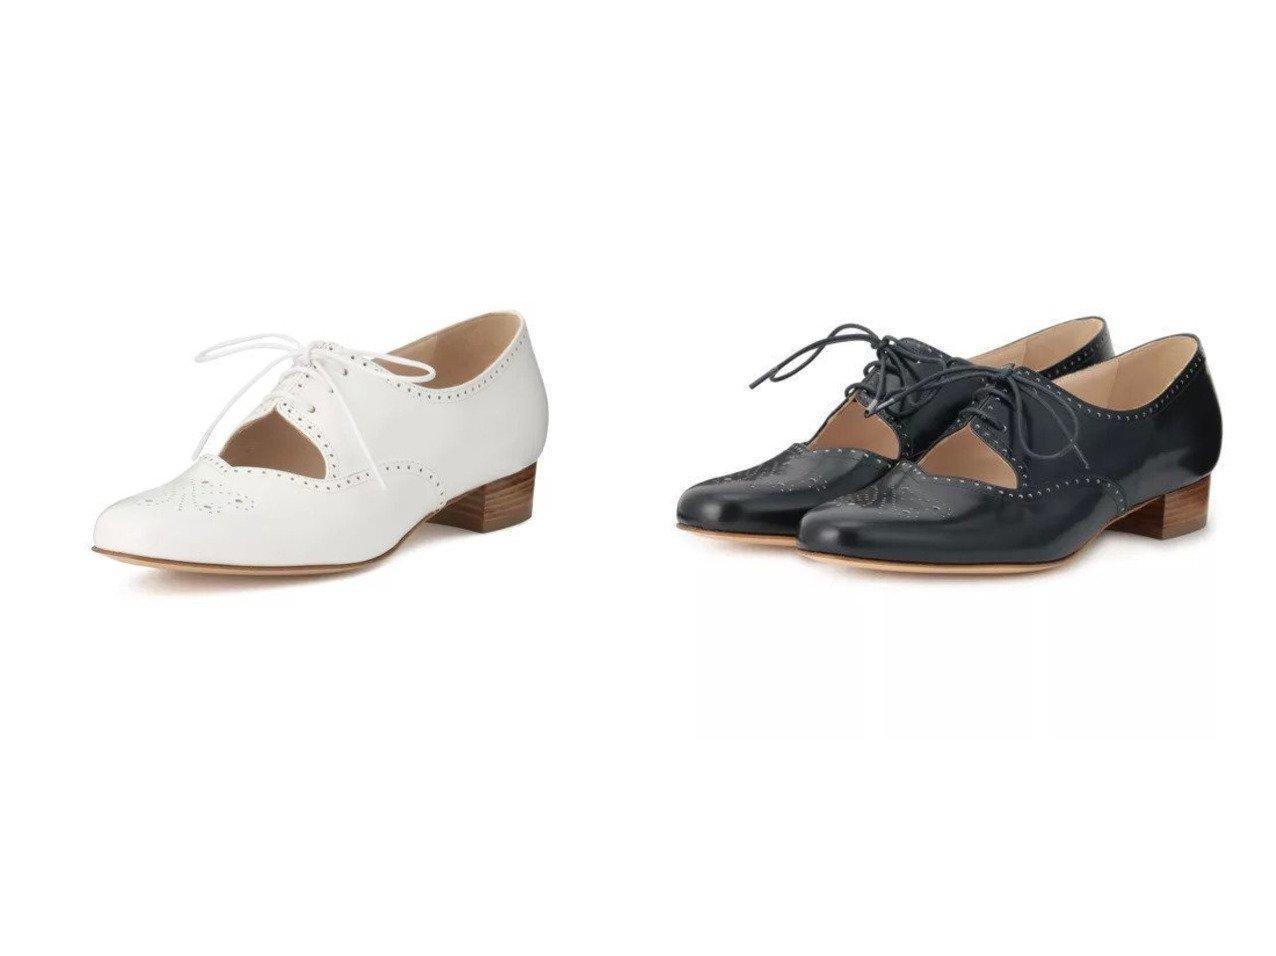 【NEBULONI E/ネブローニ】のウイングチップ カッティングレースシューズ シューズ・靴のおすすめ!人気、レディースファッションの通販  おすすめで人気のファッション通販商品 インテリア・家具・キッズファッション・メンズファッション・レディースファッション・服の通販 founy(ファニー) https://founy.com/ ファッション Fashion レディース WOMEN エレガント カッティング クラシカル シューズ 人気 ハンド メンズ モチーフ レース |ID:crp329100000004123